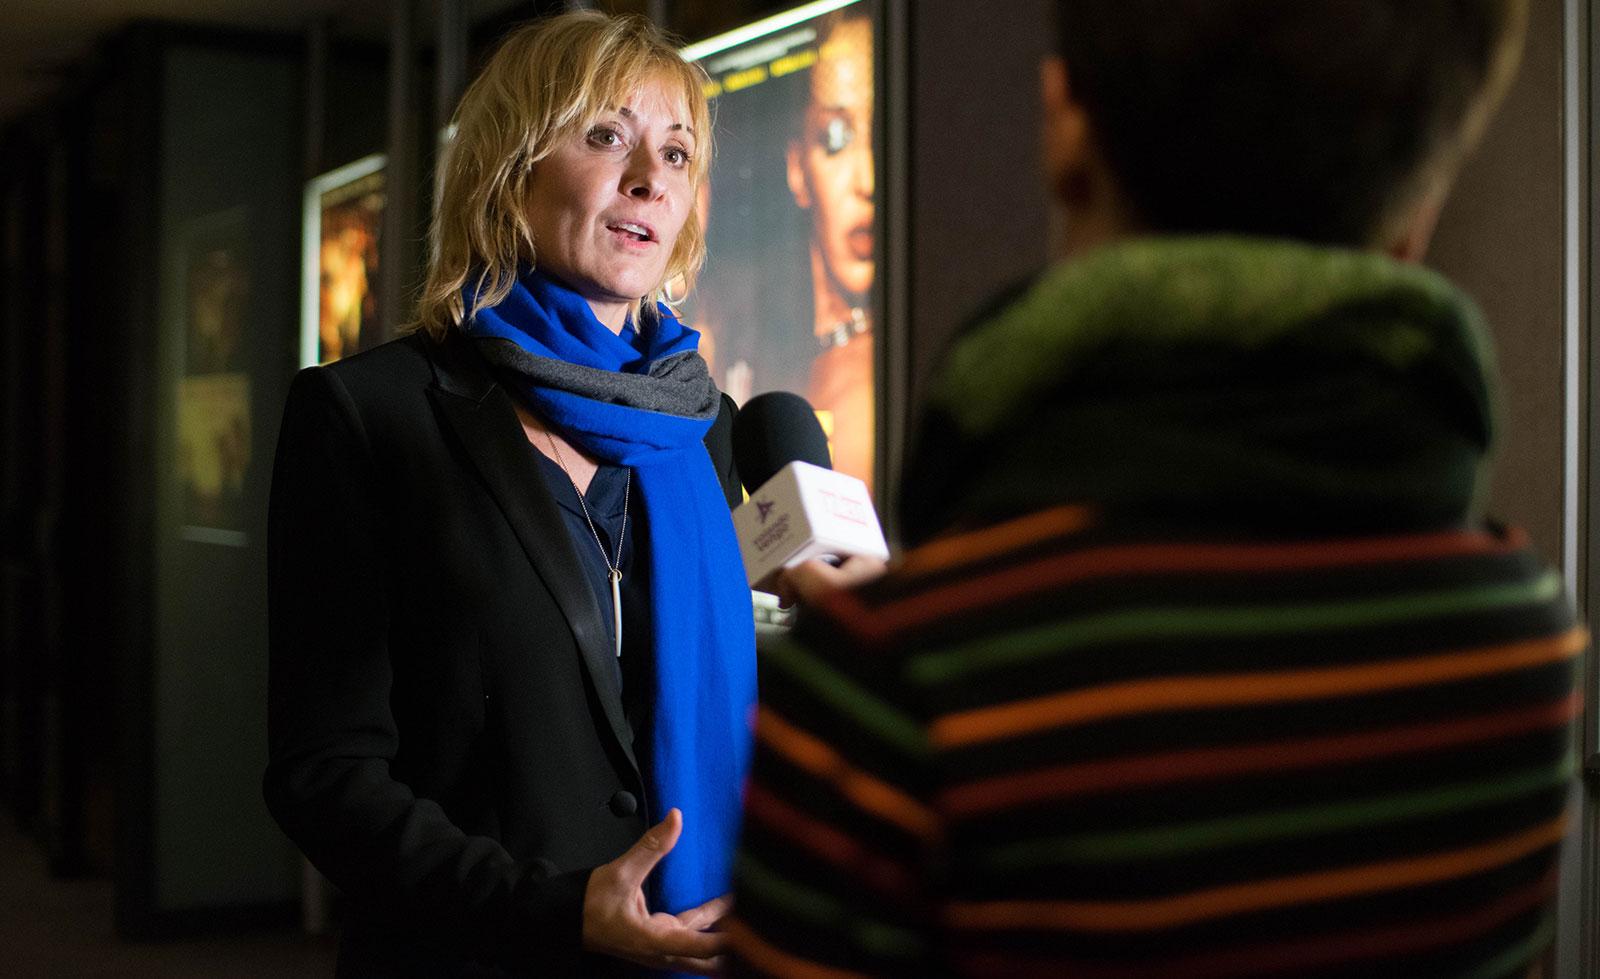 Acción social, Cines Golem, Jafar Panahi actriz, activismo y cine,